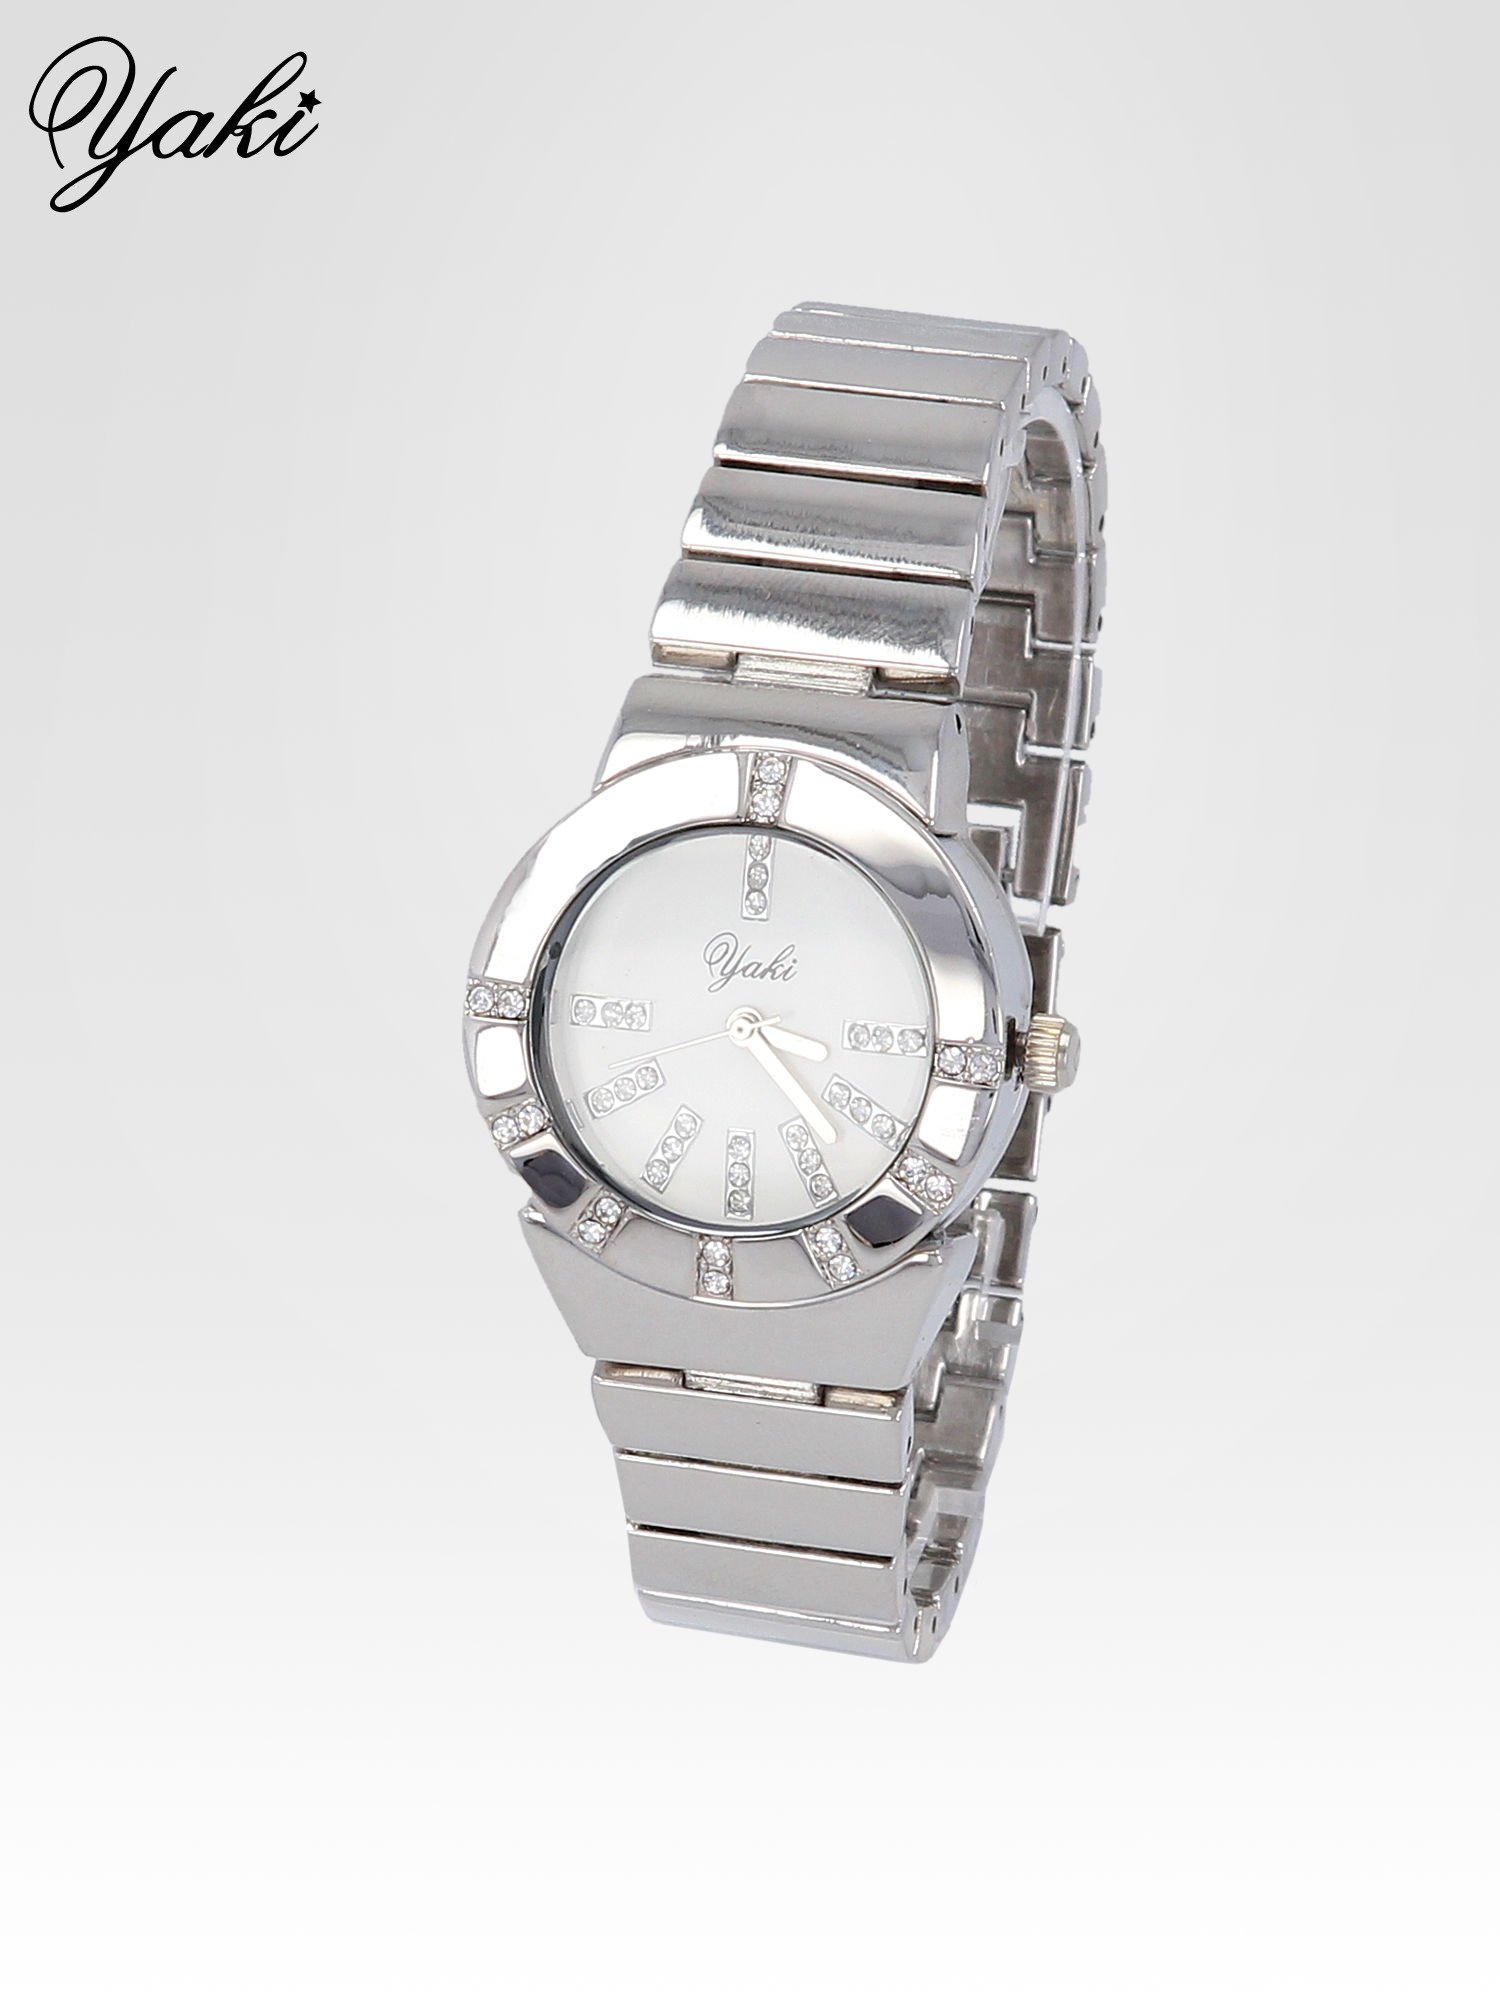 Srebrny zegarek na bransolecie z okrągłą tarczą z cyrkoniami                                  zdj.                                  2